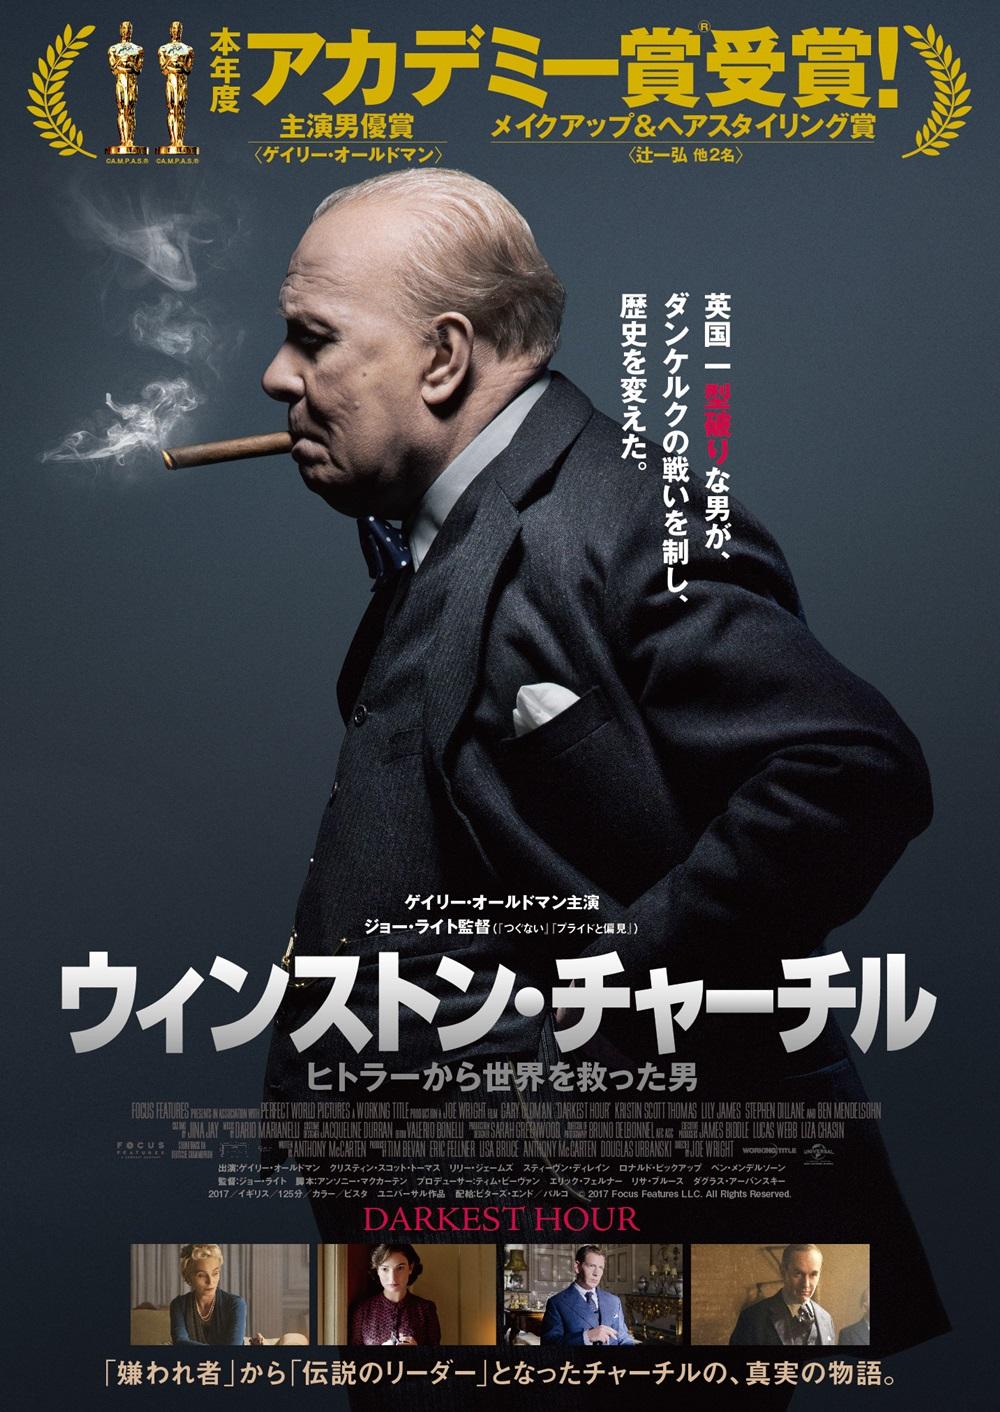 【画像】映画『ウィンストン・チャーチル/ヒトラーから世界を救った男』(Darkest Hour) ポスタービジュアル